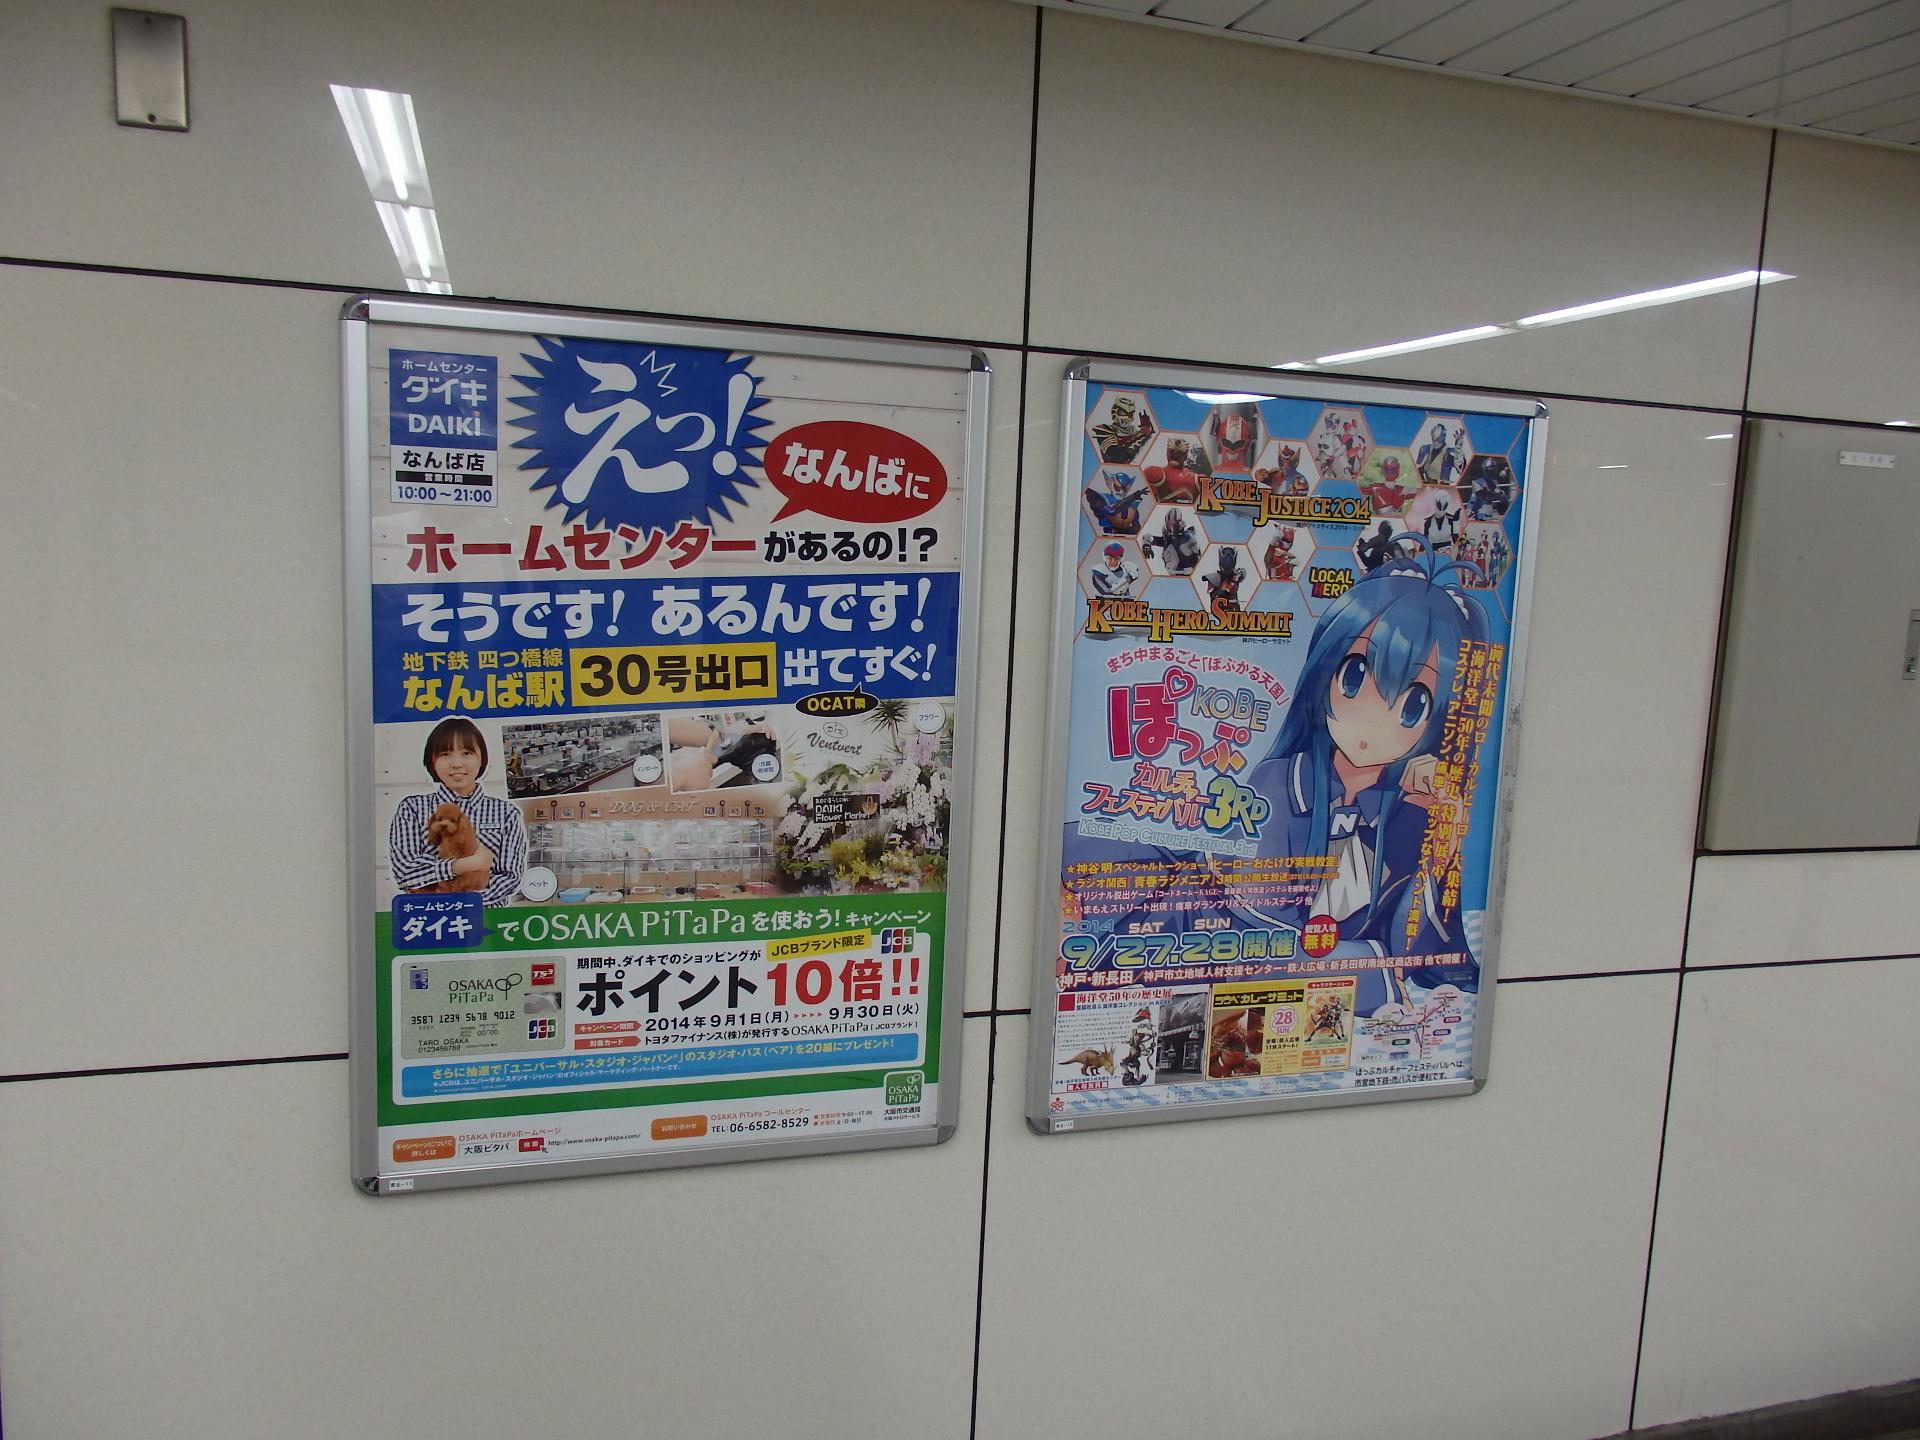 神戸ぽっぷカルチャーフェスティバルのポスター。